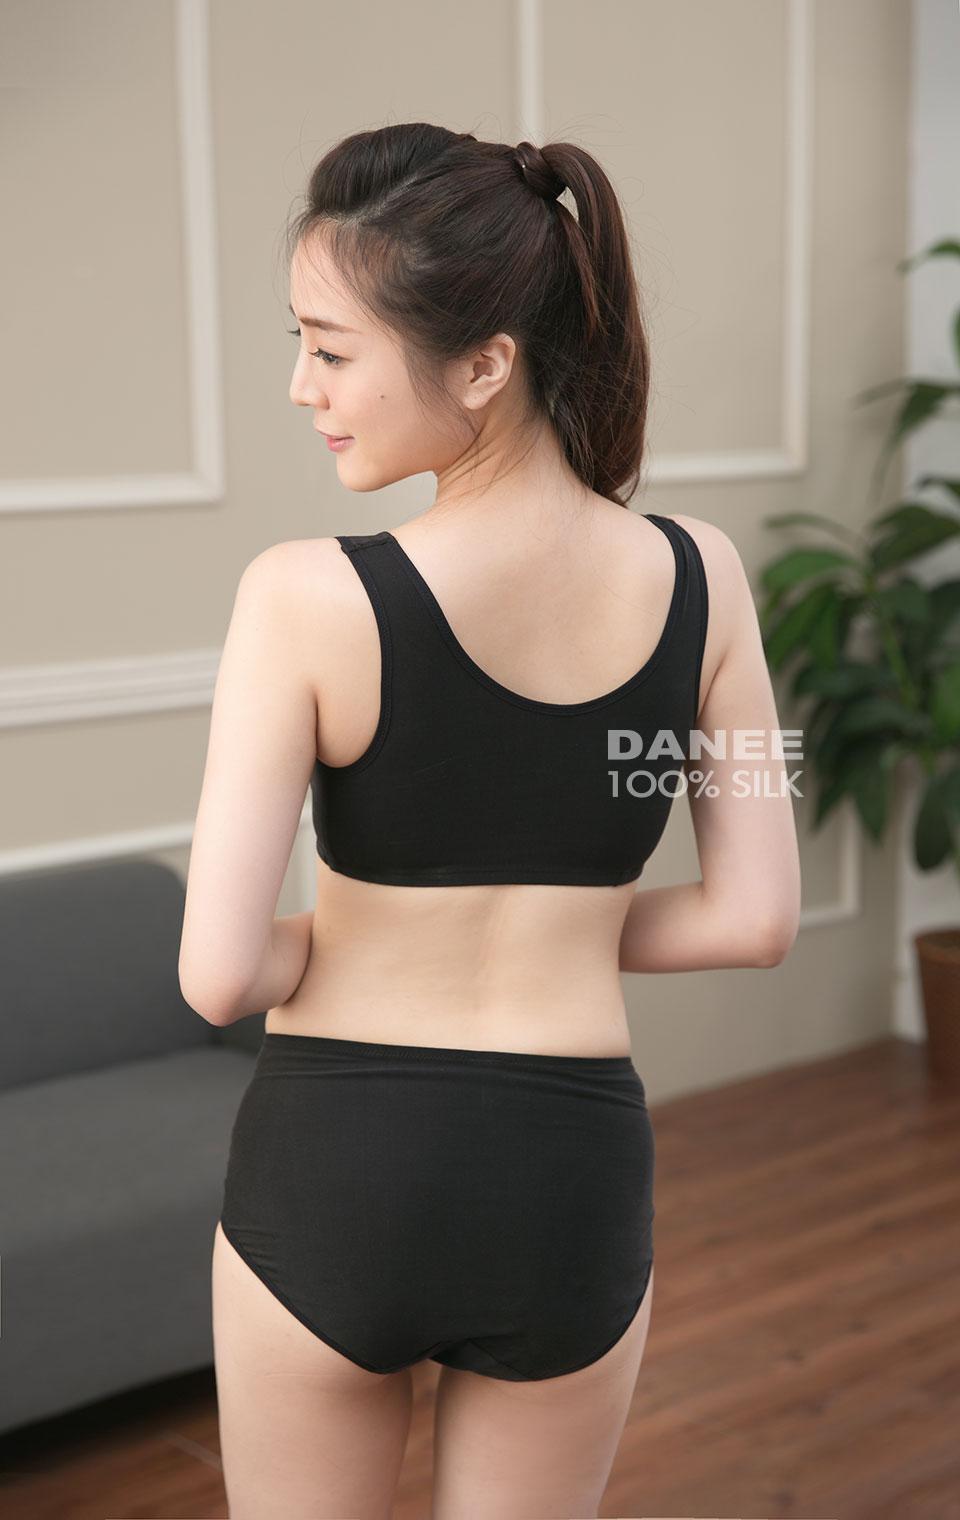 蠶絲內衣,蠶絲胸罩,運動內衣,運動胸衣,背心內衣,Bra背心